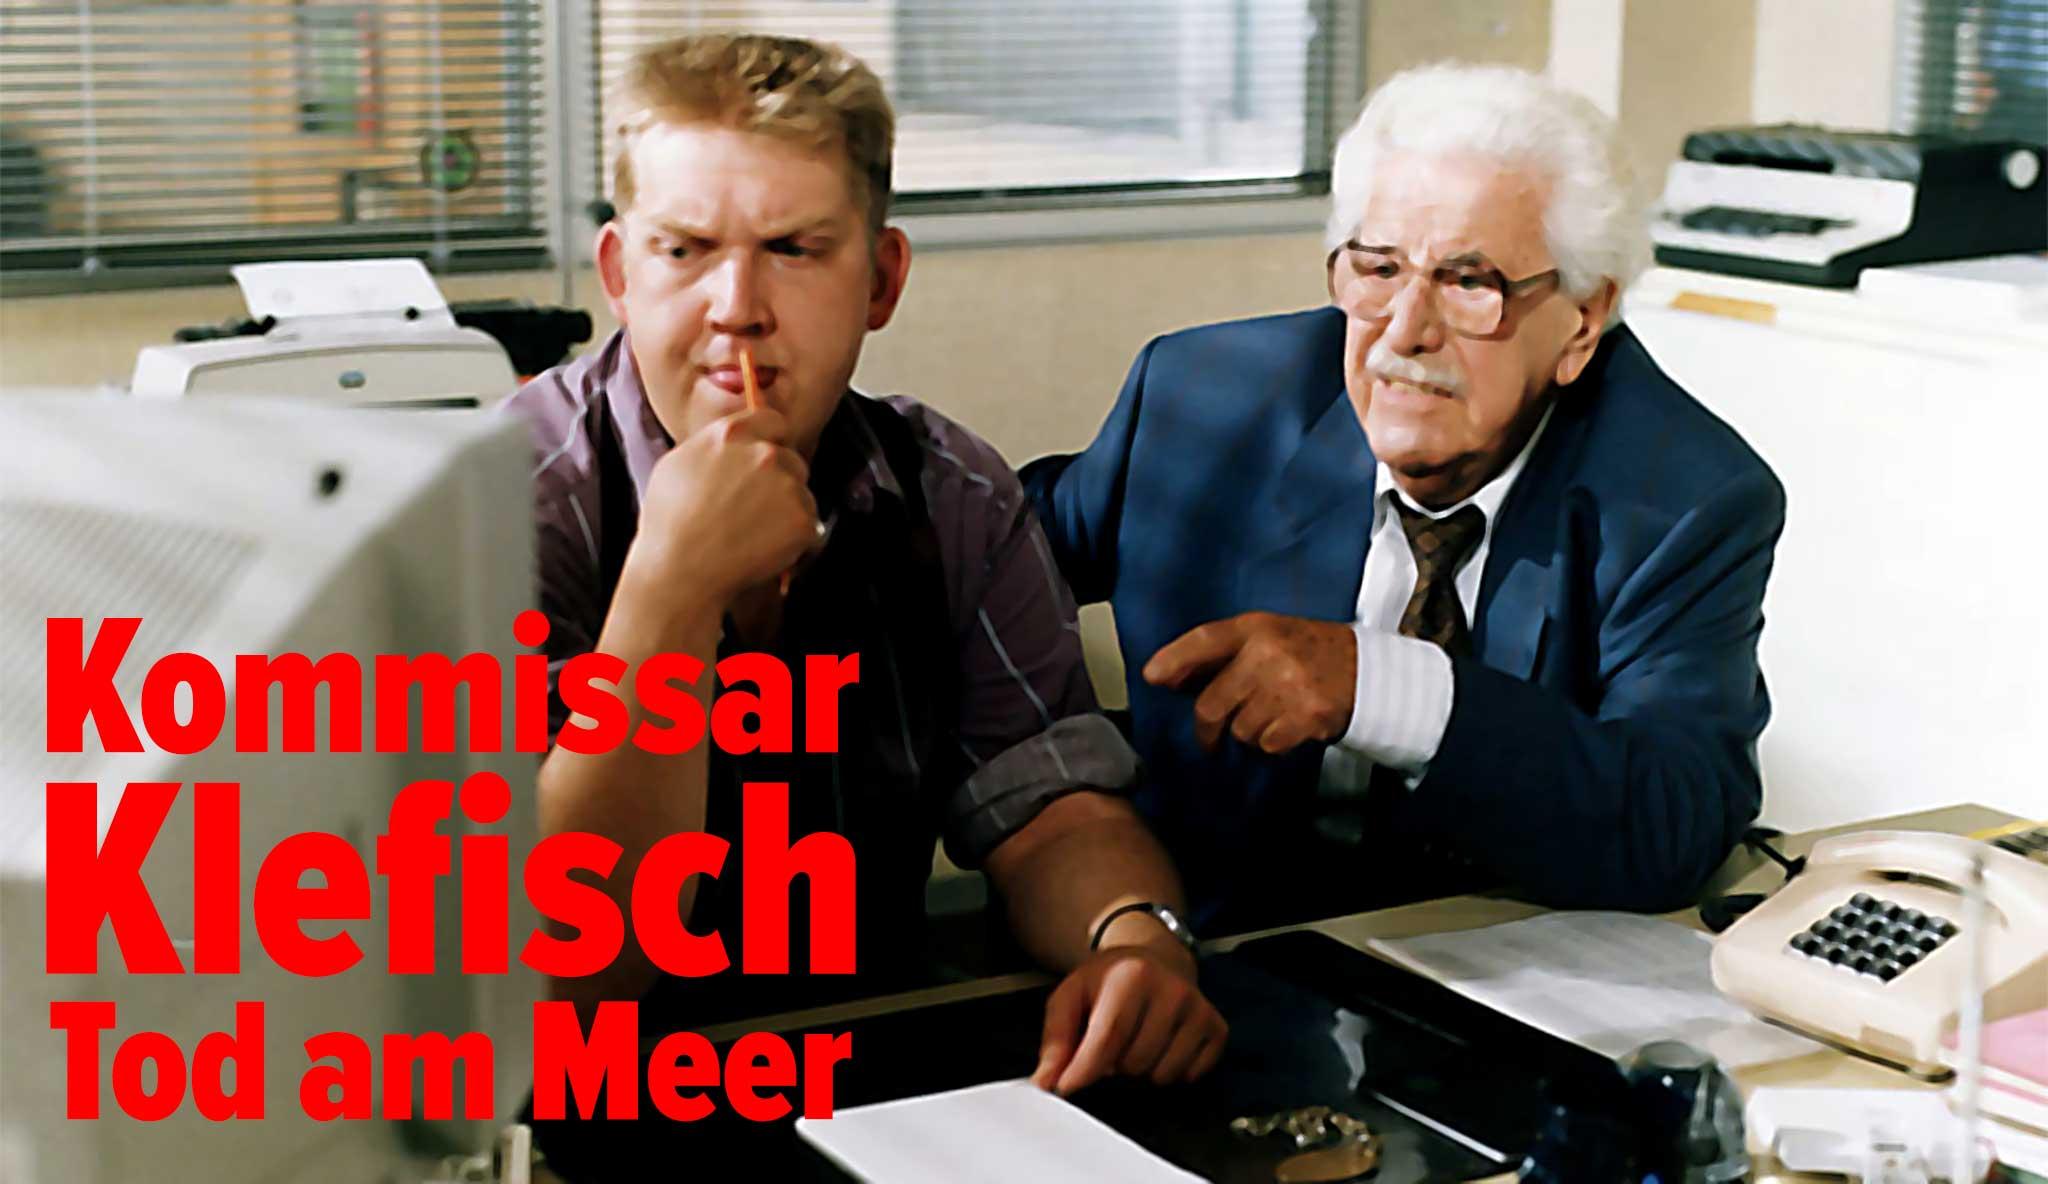 kommissar-klefisch-tod-am-meer\header.jpg